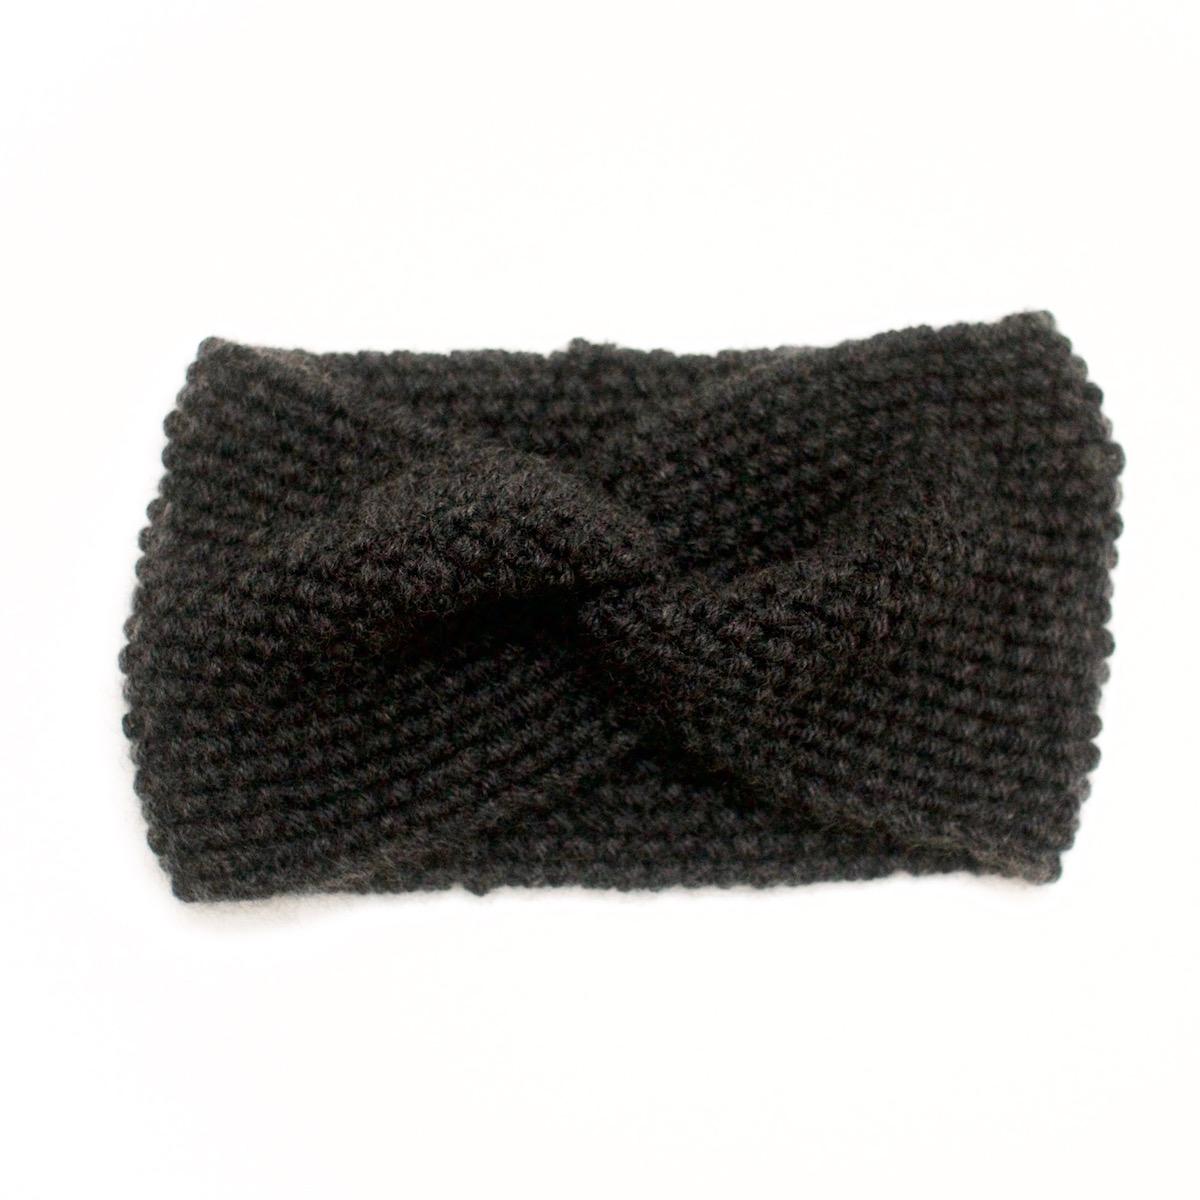 Fenêtre Bandeau Anthracite : Bandeau croisé tricoté en laine et cachemire anthracite